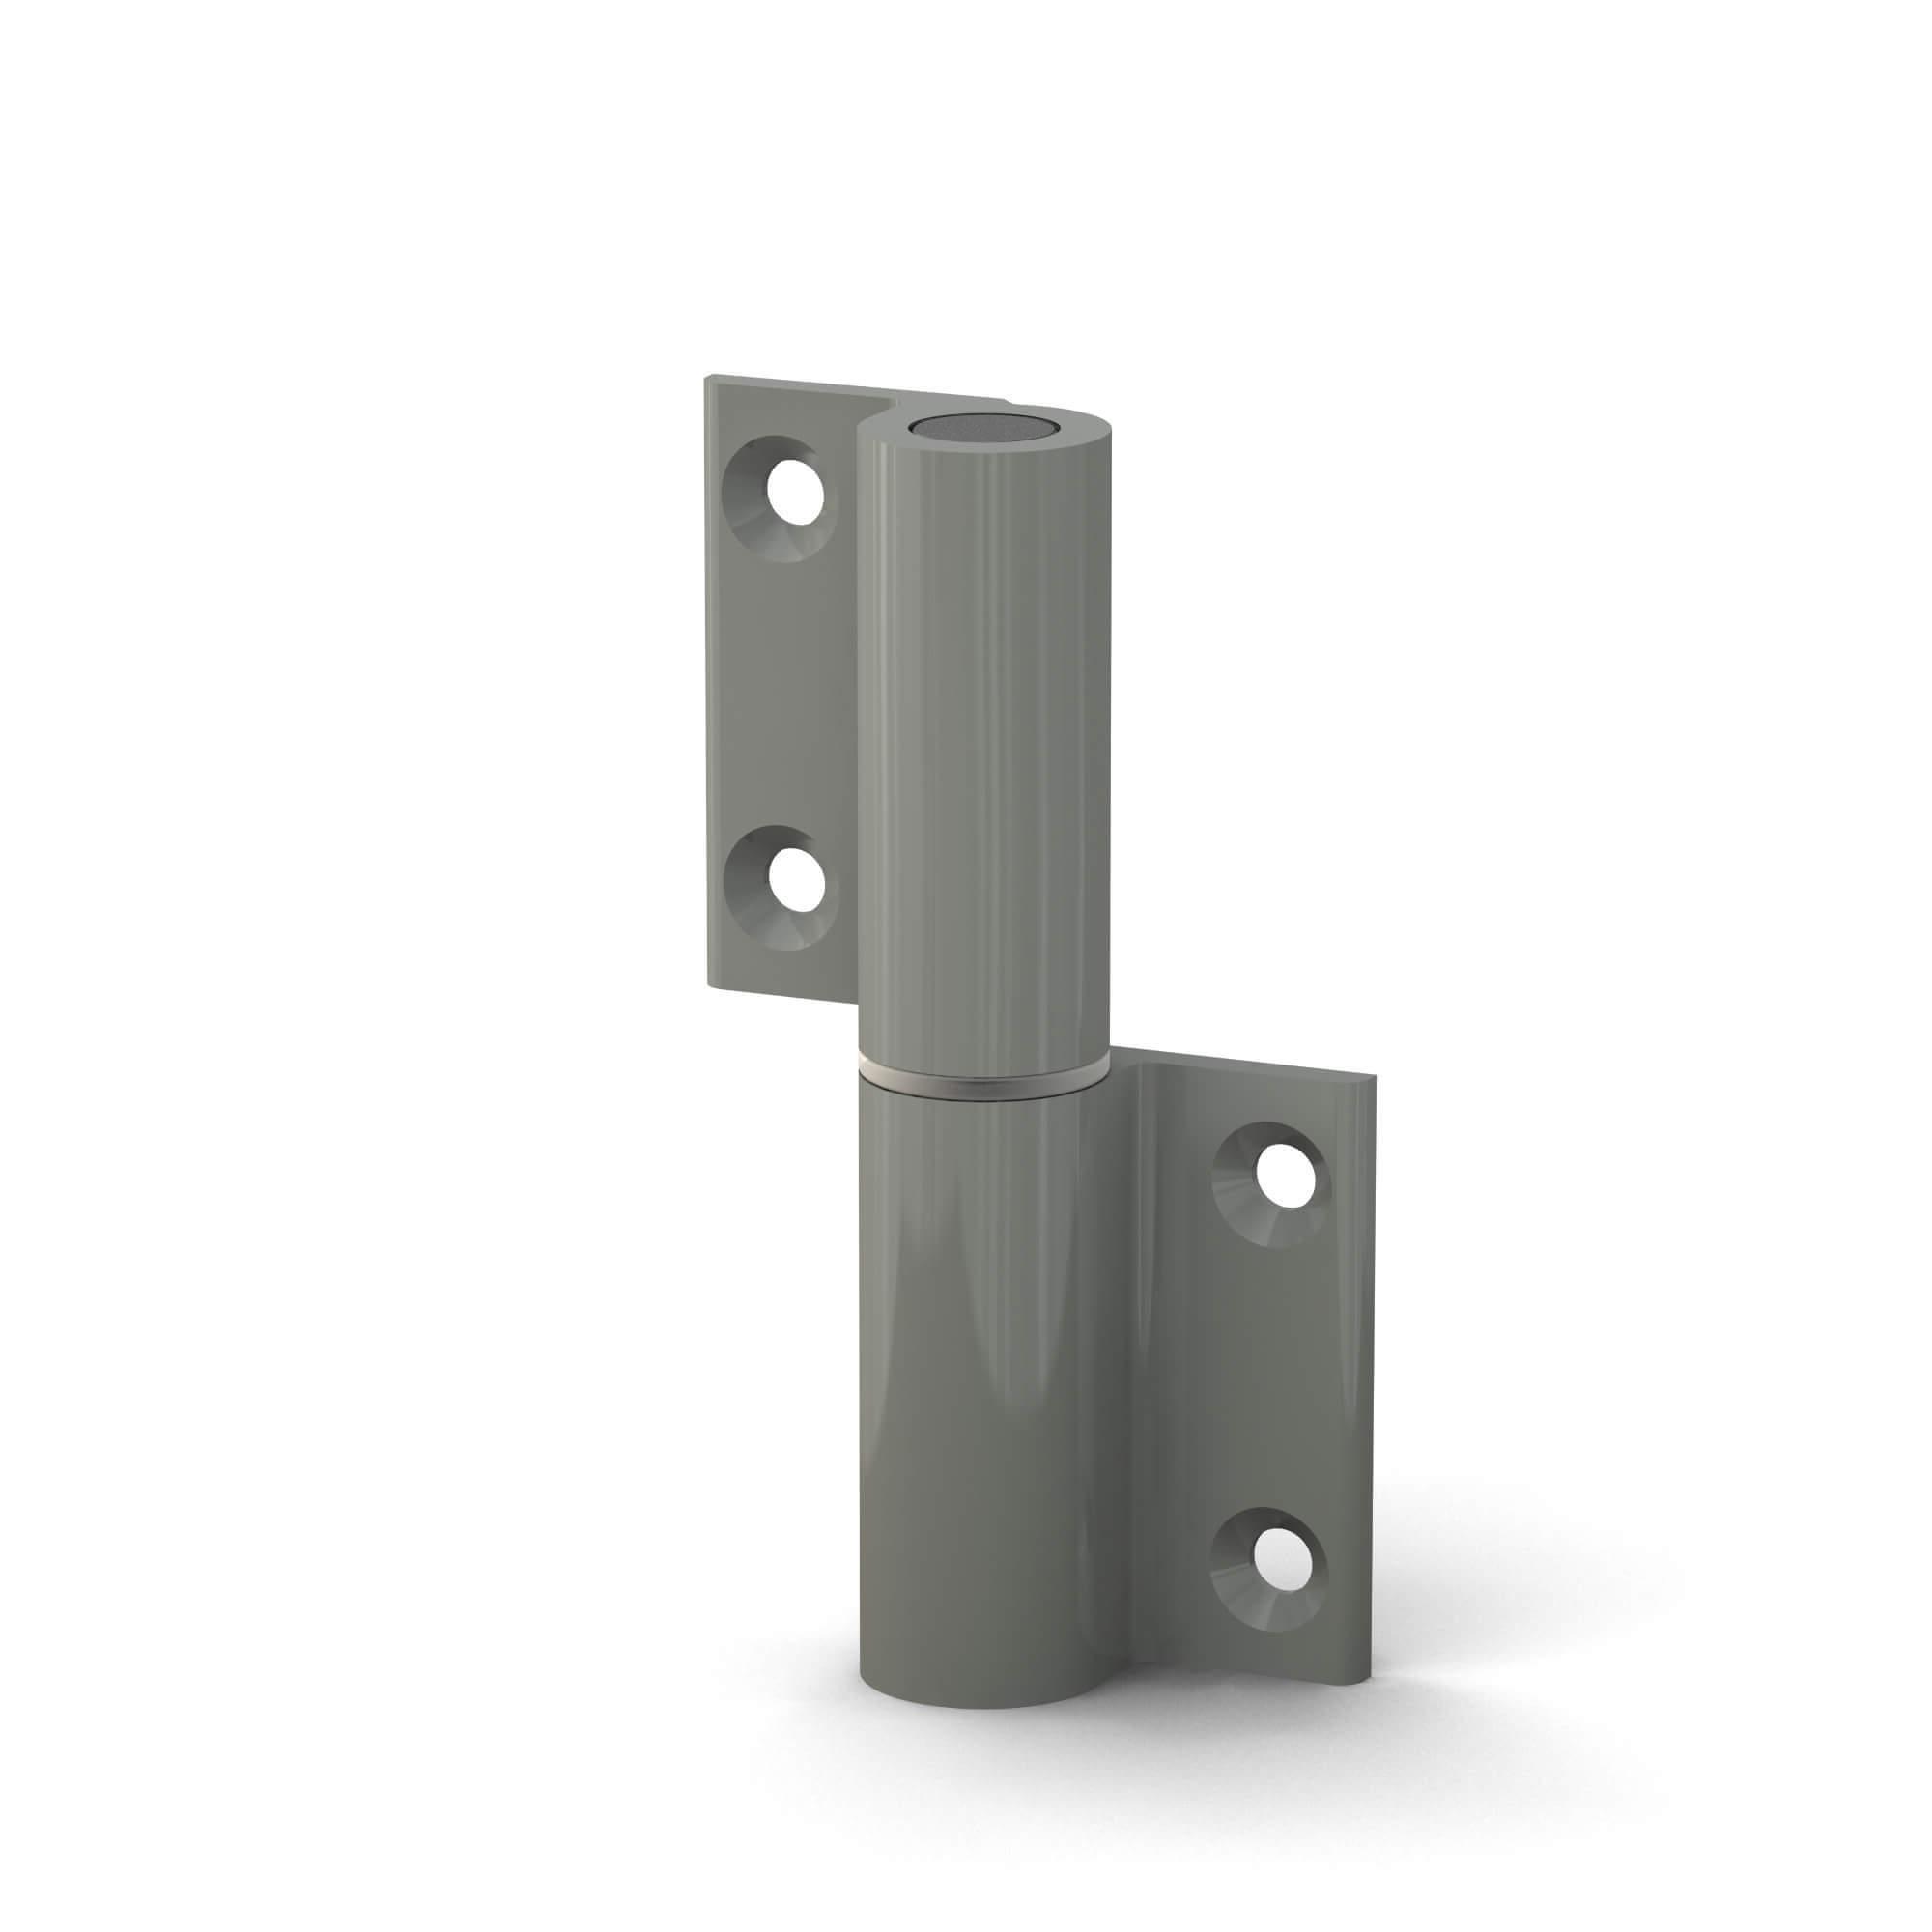 BUNT & PFIFFIG Doppelpack Möbelband Möbelscharnier Aufschraubband Türscharnier aus Aluminium Grau Achatgrau Hellgrau RAL 7038 DIN-Richtung: rechts - aufschraubbar-1